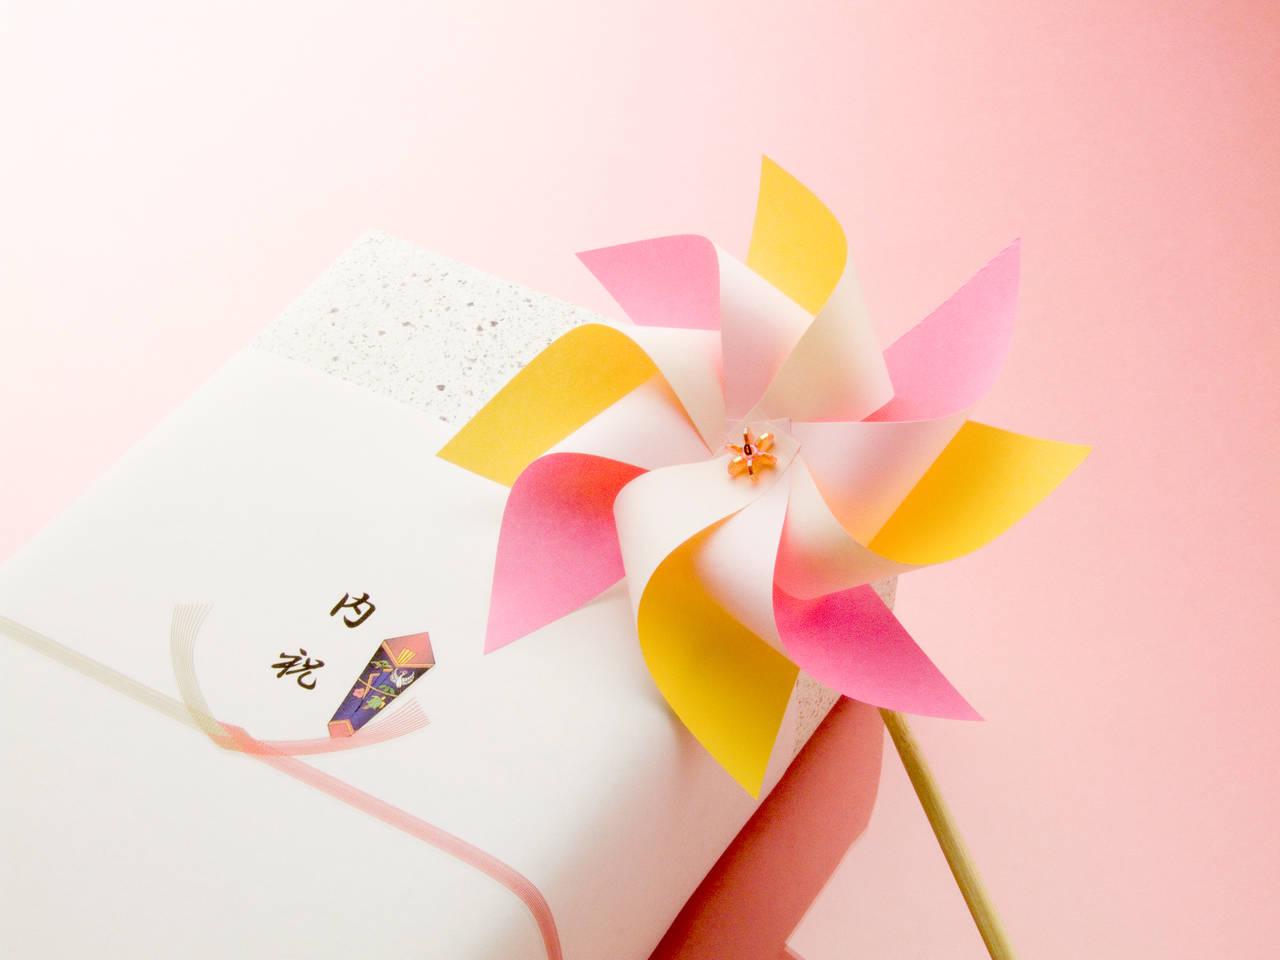 出産内祝いを贈るときのルールを知ろう!貰って嬉しい物や困る物